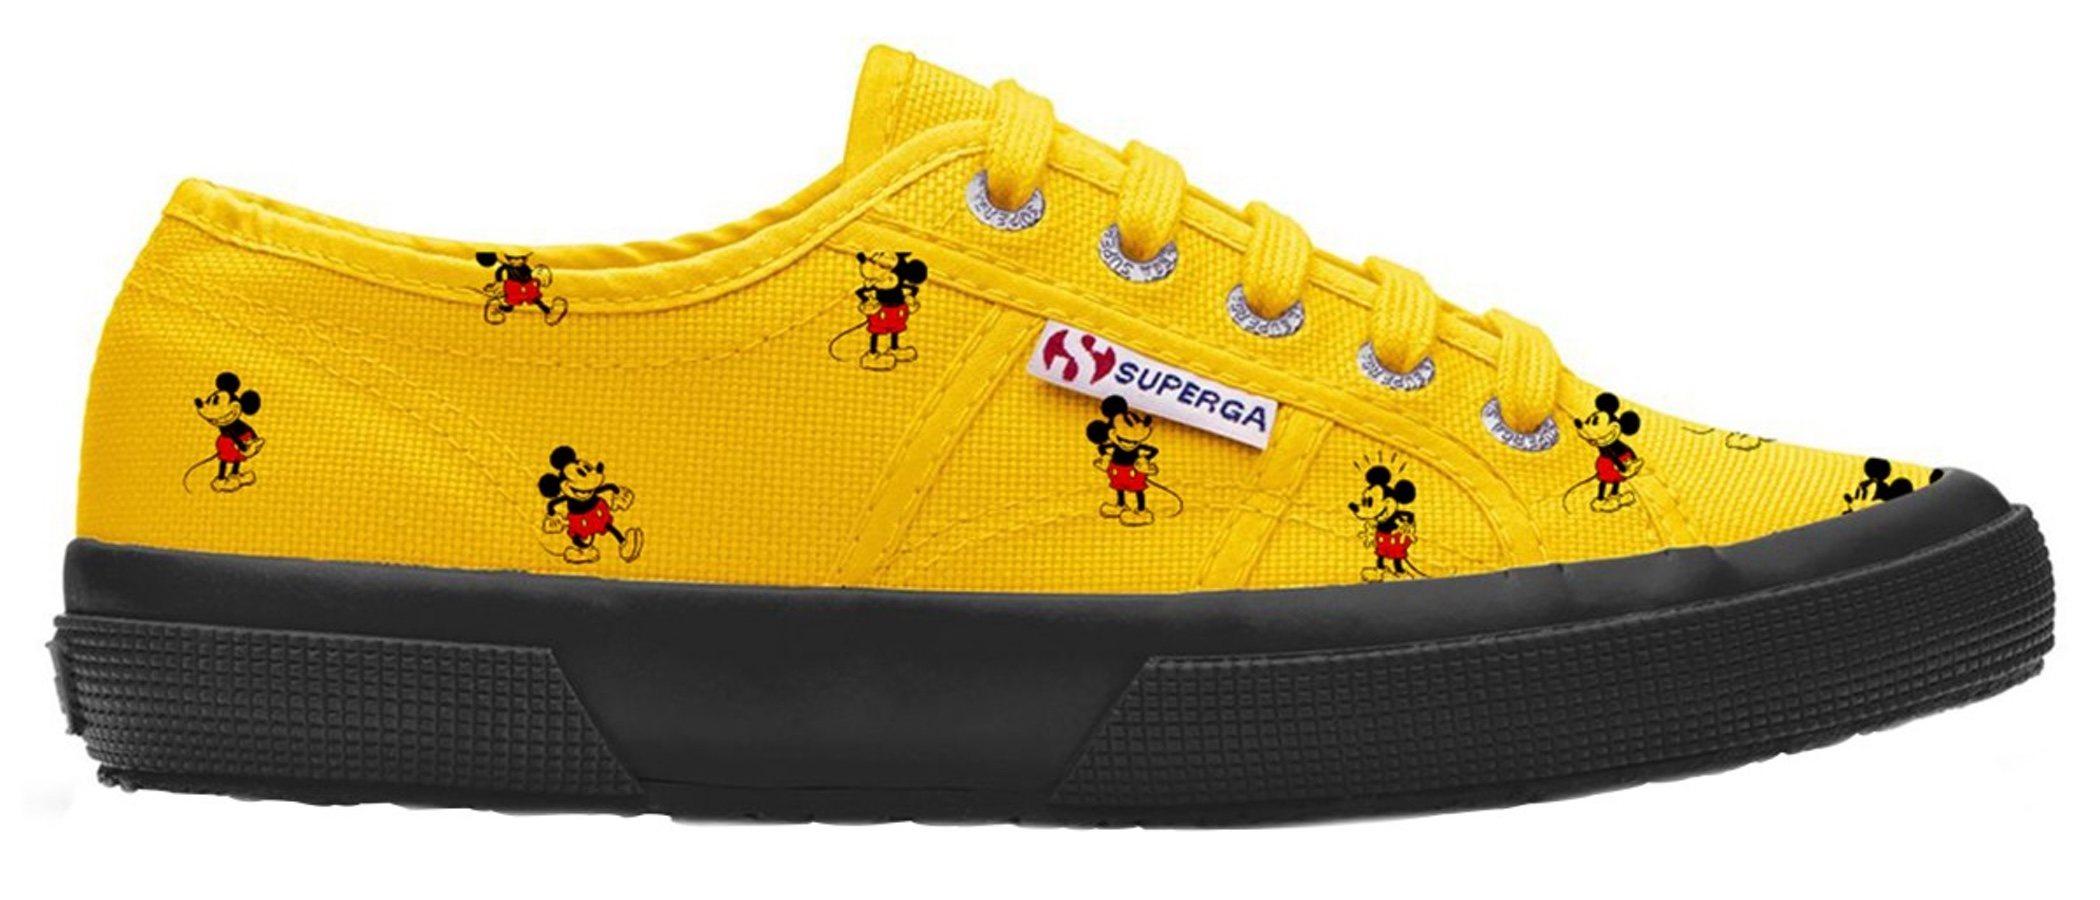 Superga homenajea a Mickey Mouse en su nueva colección